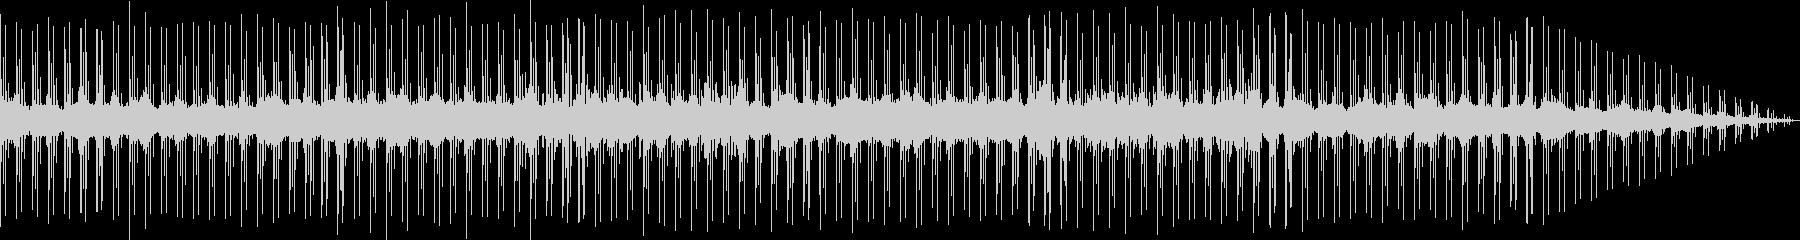 寂しげなテクノ音楽の未再生の波形